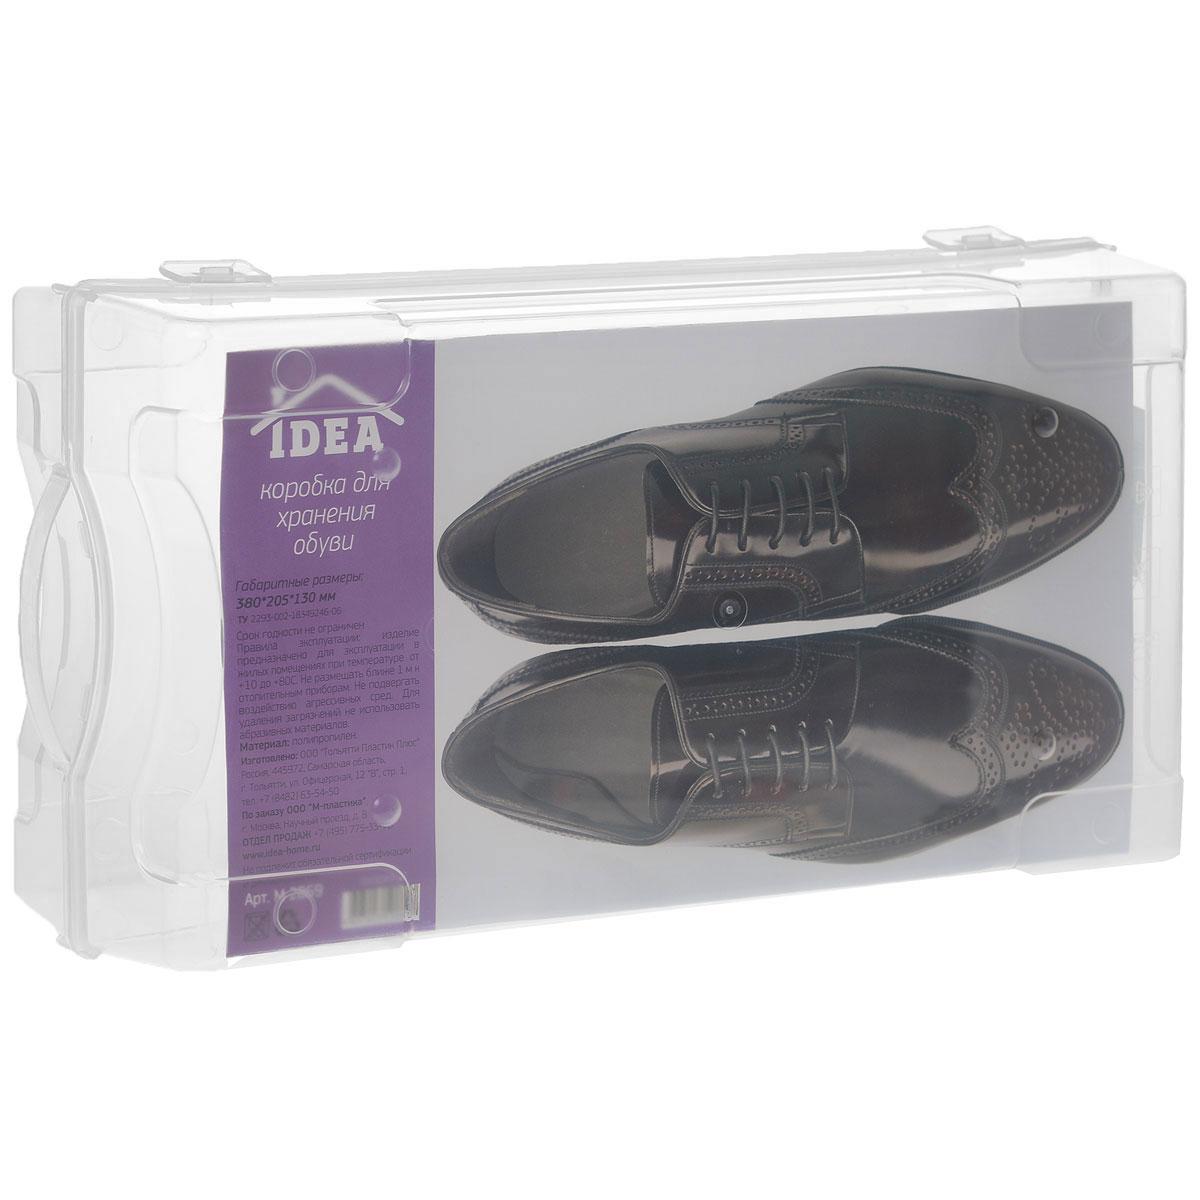 """Коробка для хранения обуви """"Idea"""", 38 см х 20,5 см х 13 см, Idea (М-пластика)"""